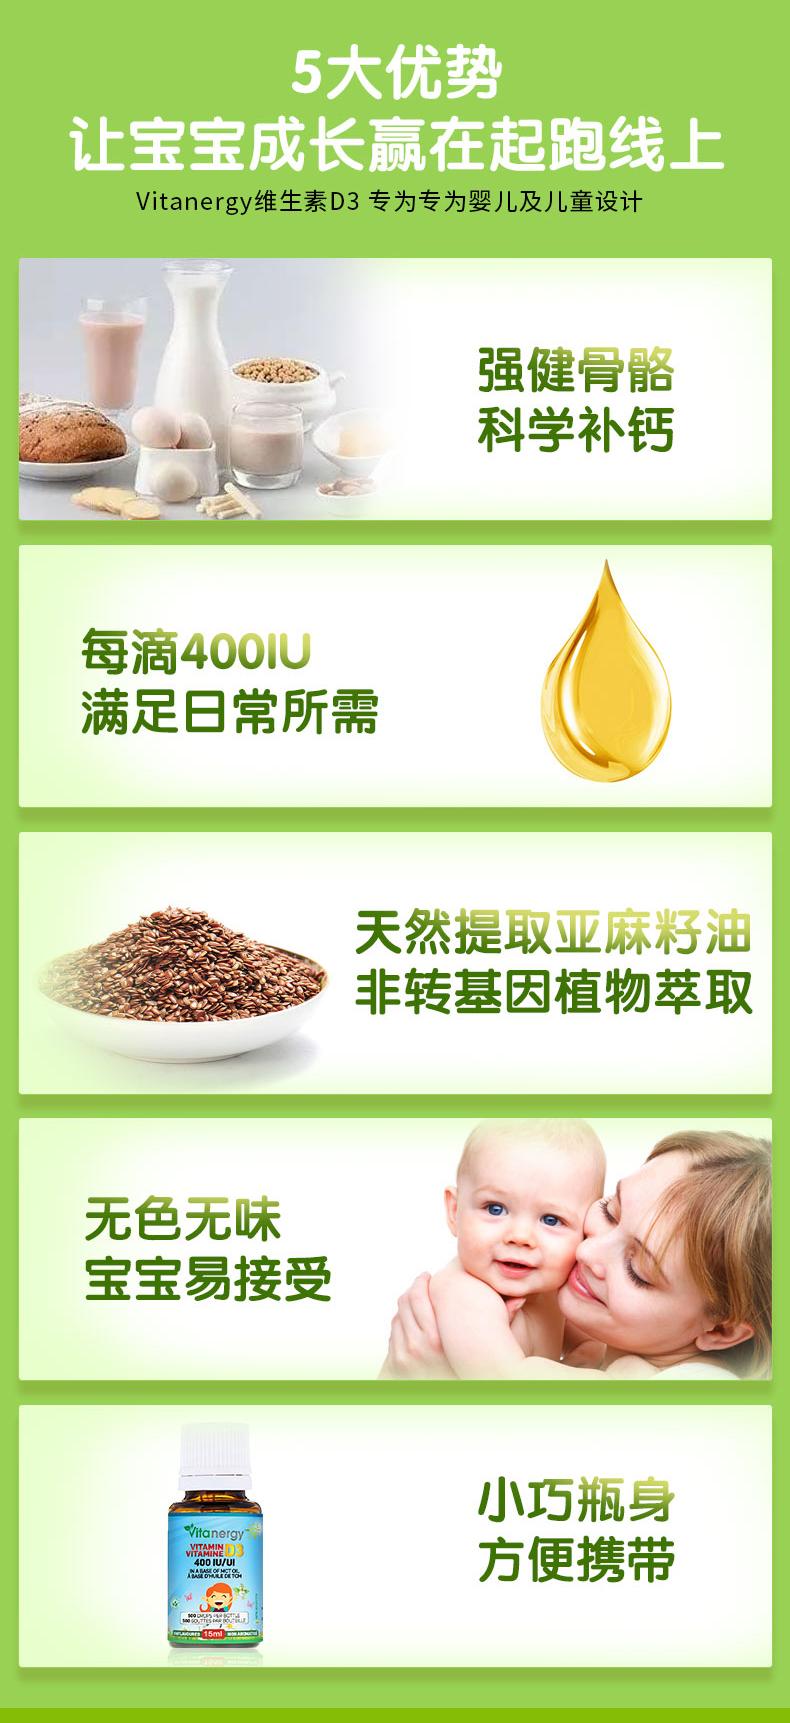 加拿大维生能 婴幼儿液体维生素D3滴剂 15ml/瓶